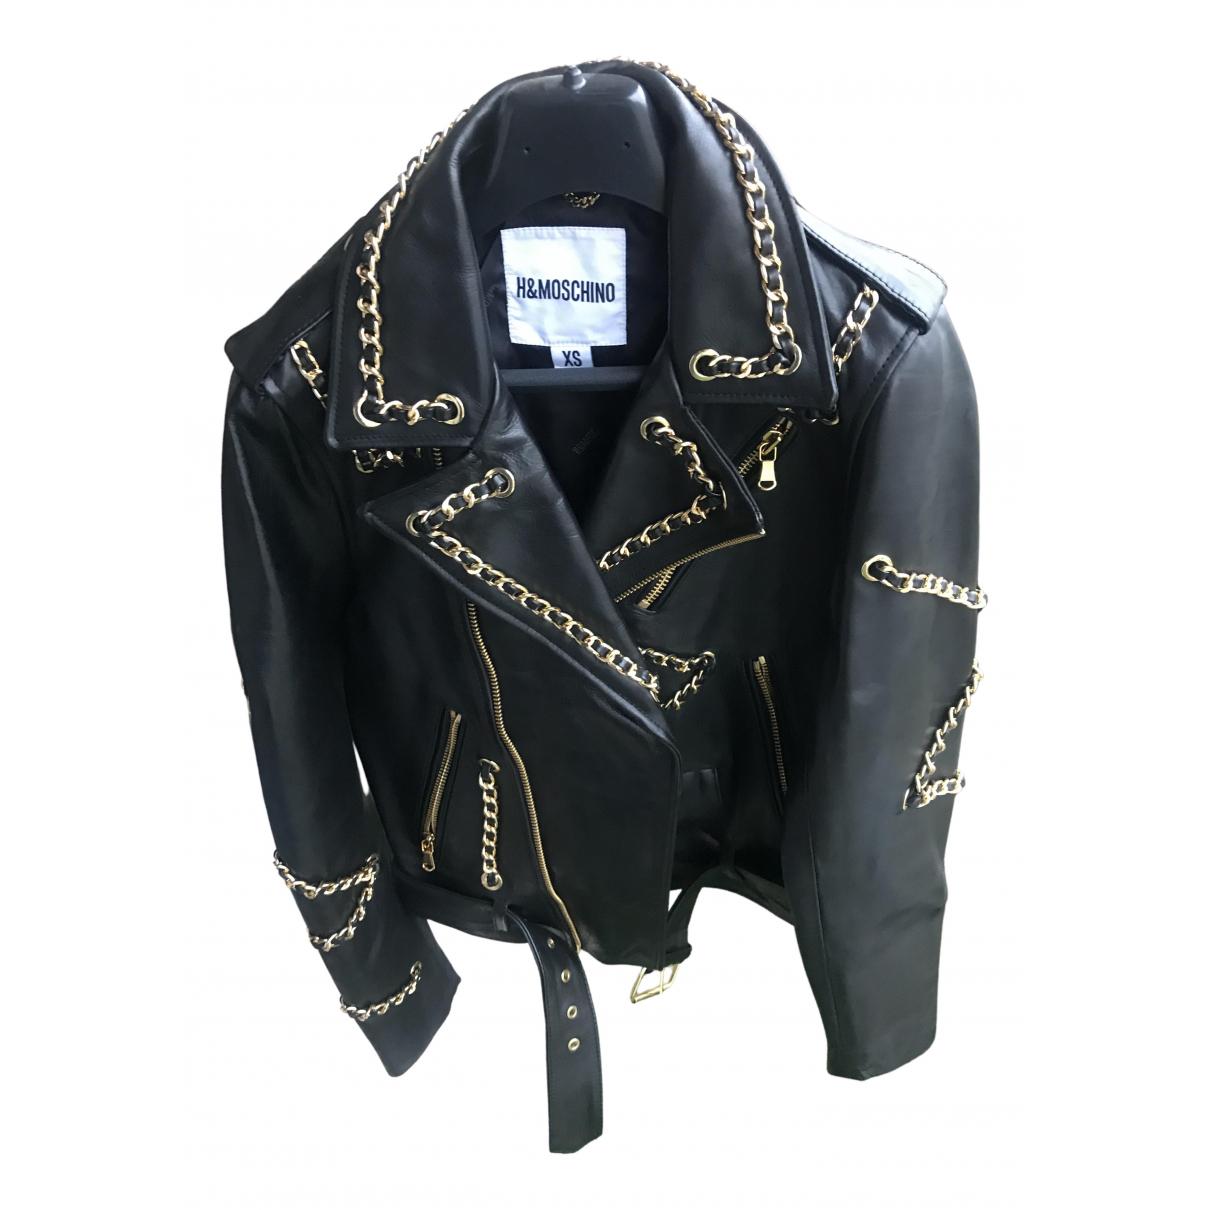 Moschino For H&m - Veste   pour femme en cuir - noir